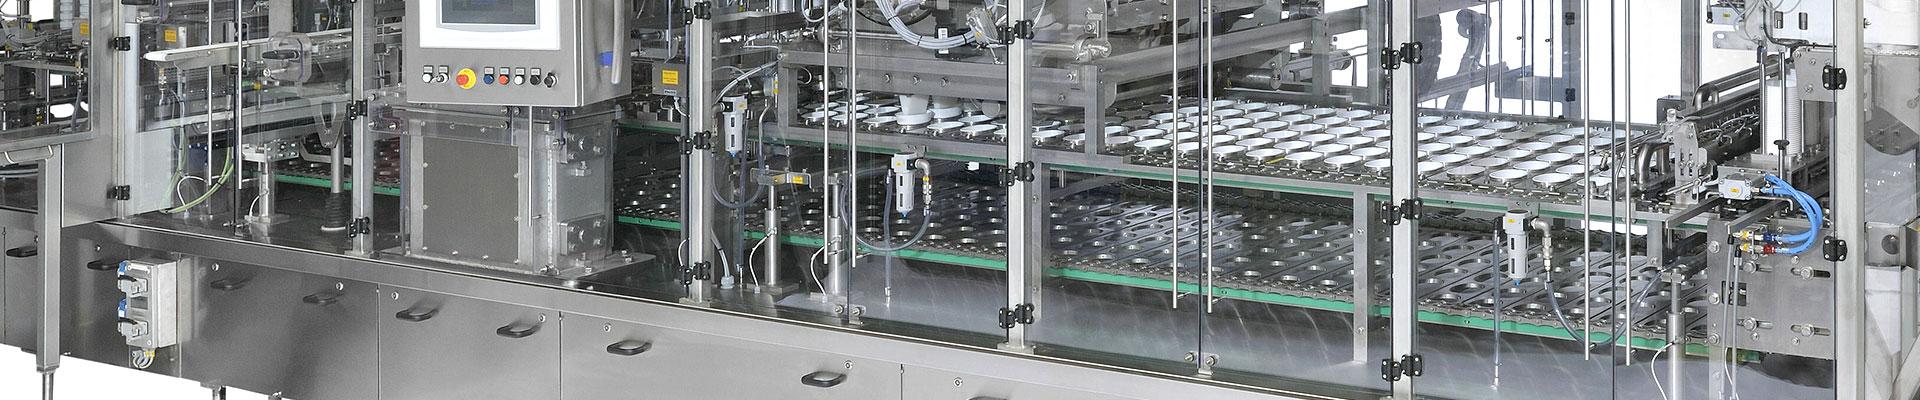 Dosomat filling systems